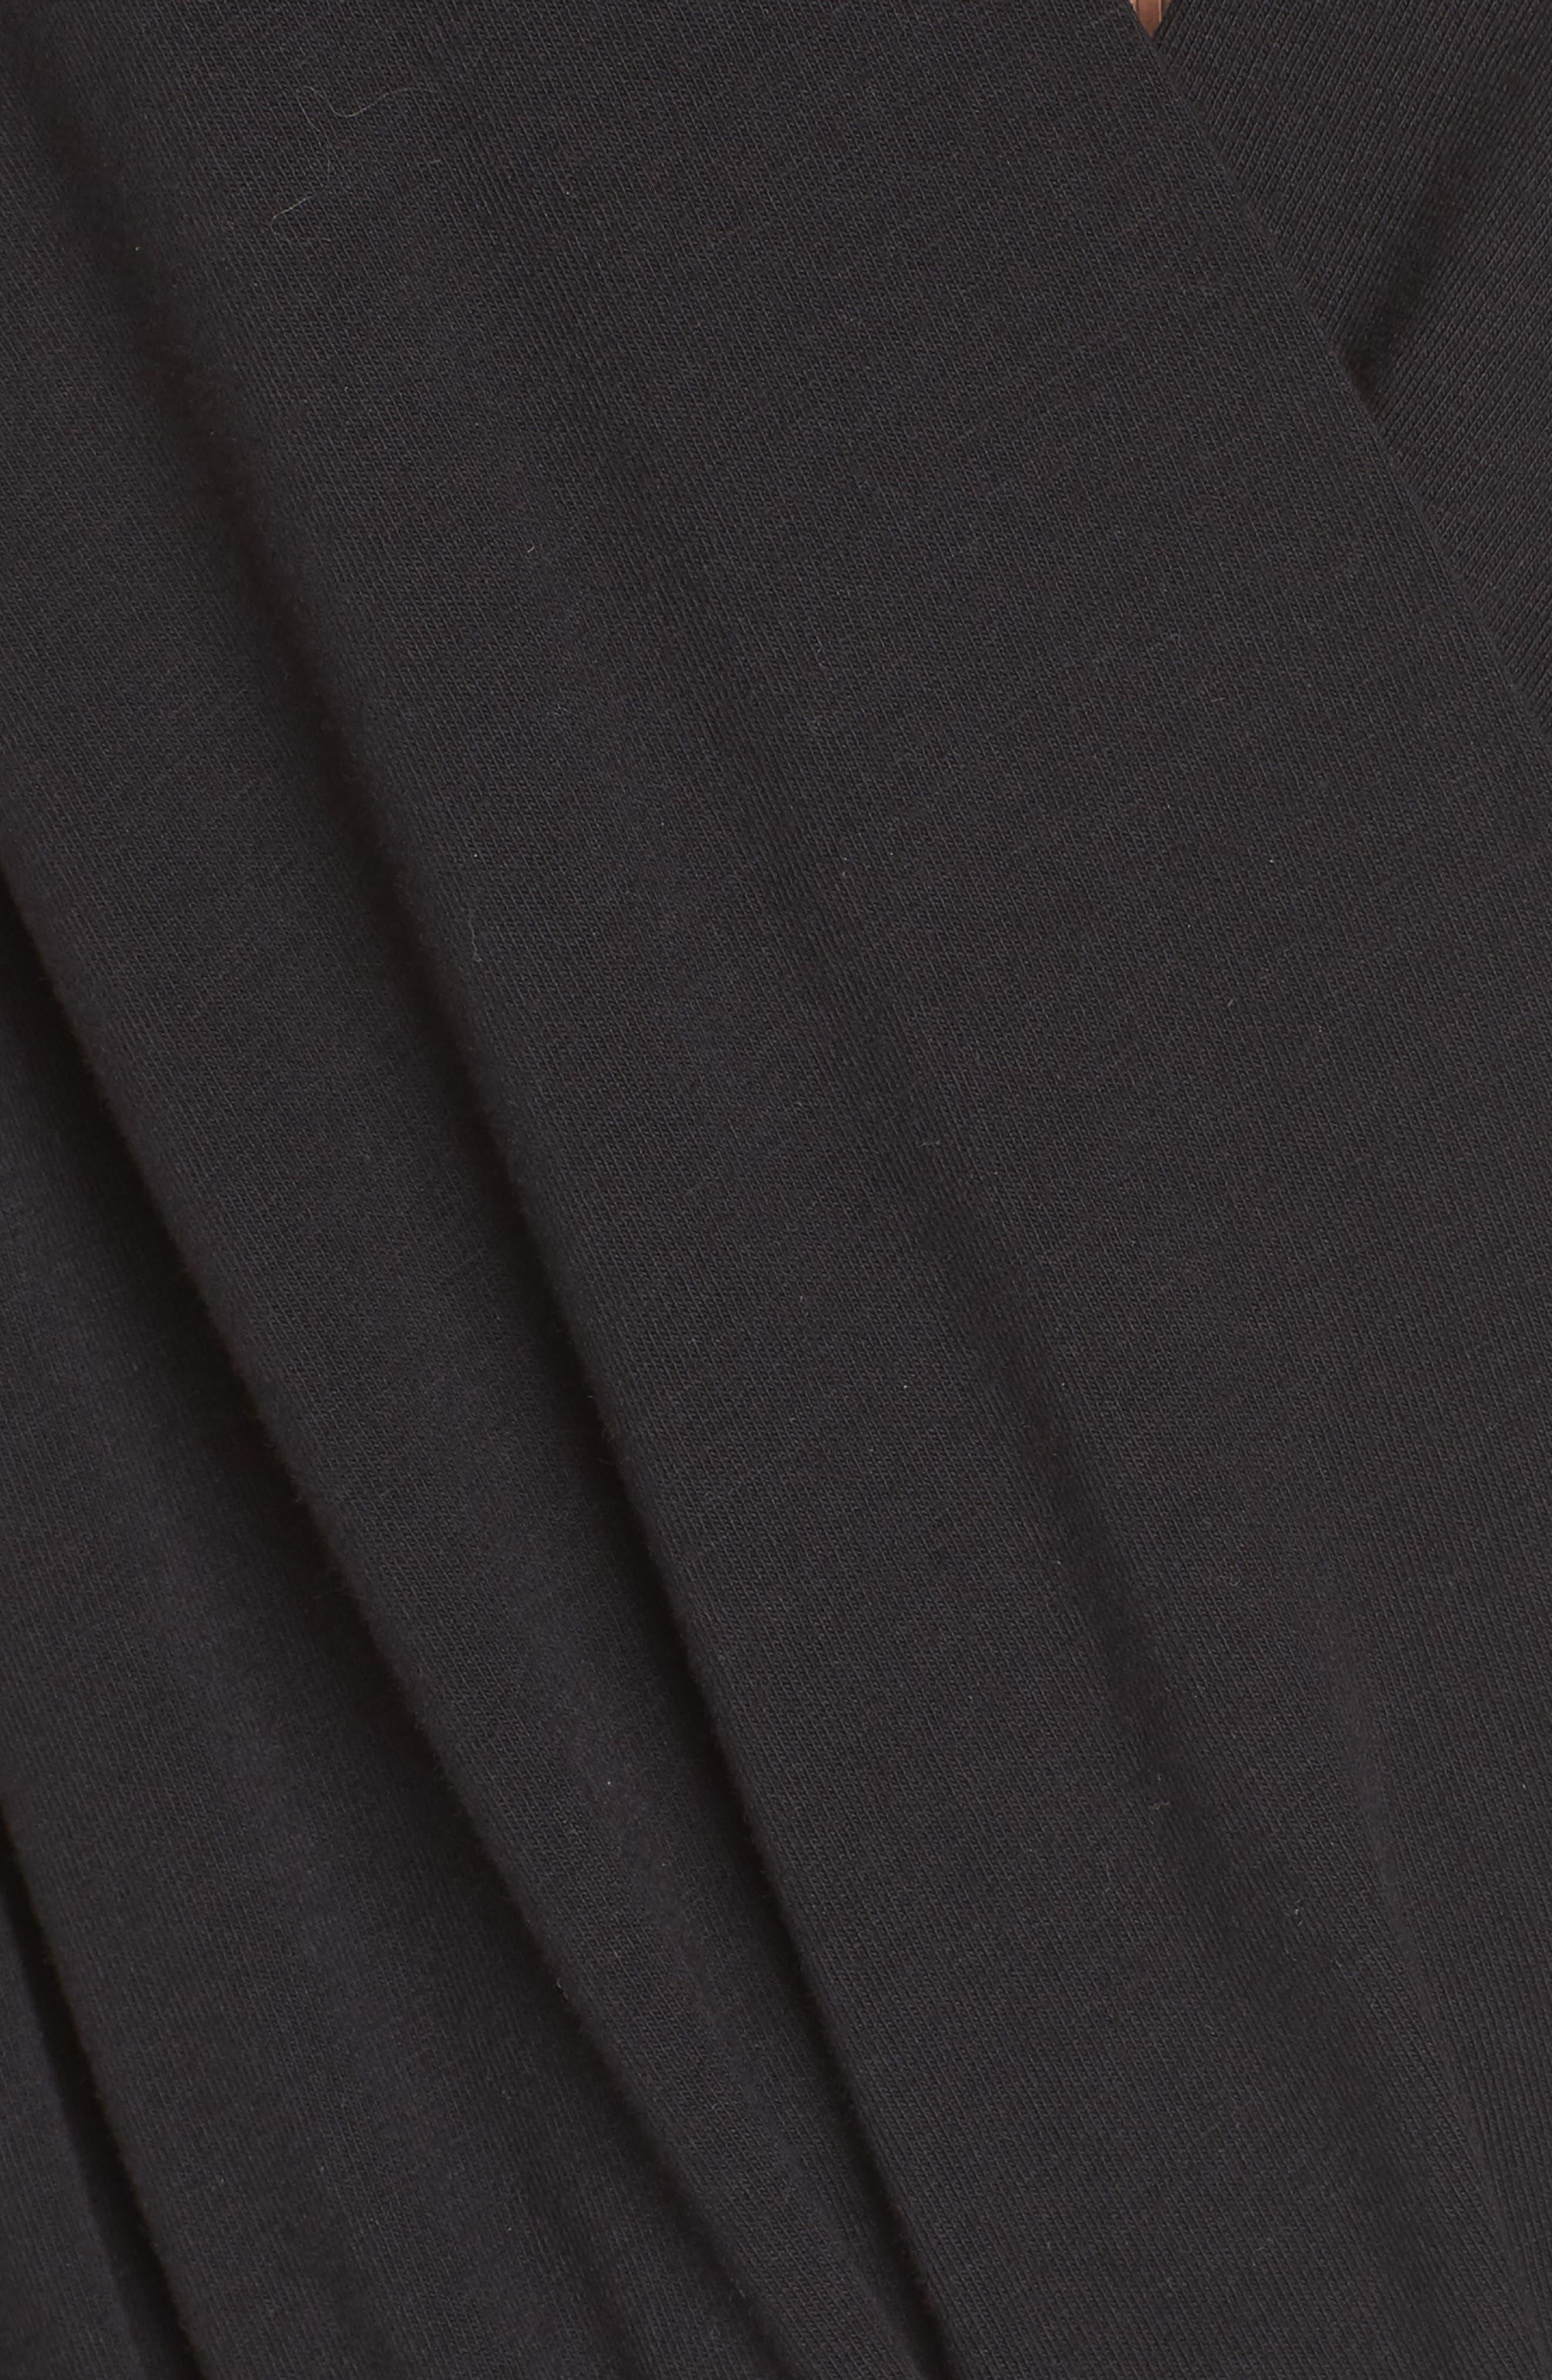 Wrap Front Bodysuit,                             Alternate thumbnail 5, color,                             004